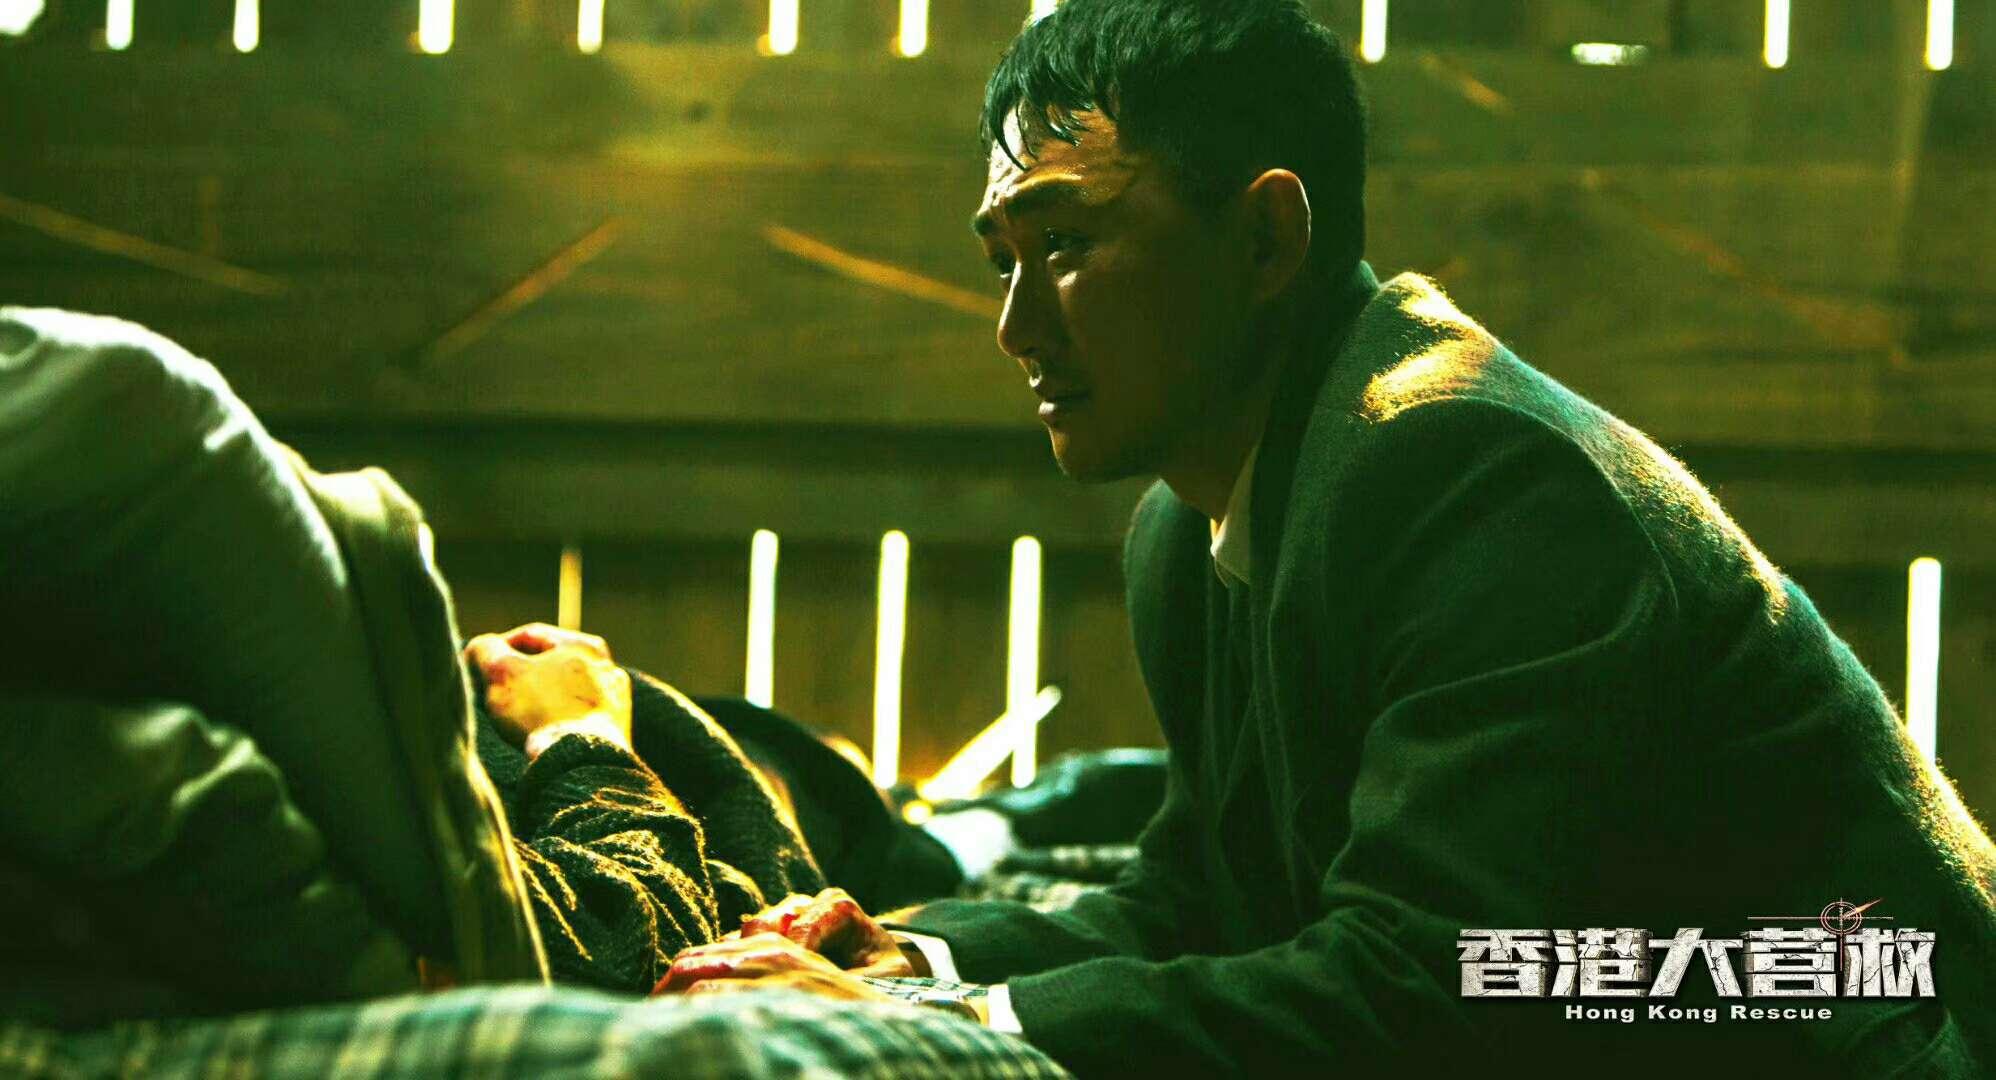 """潘葆荃在受到邹先生等人怀疑时说:""""我也不知道我是什么人,我只是一个流氓,可是那天叶伟强赌我是中国人,中国人!"""""""